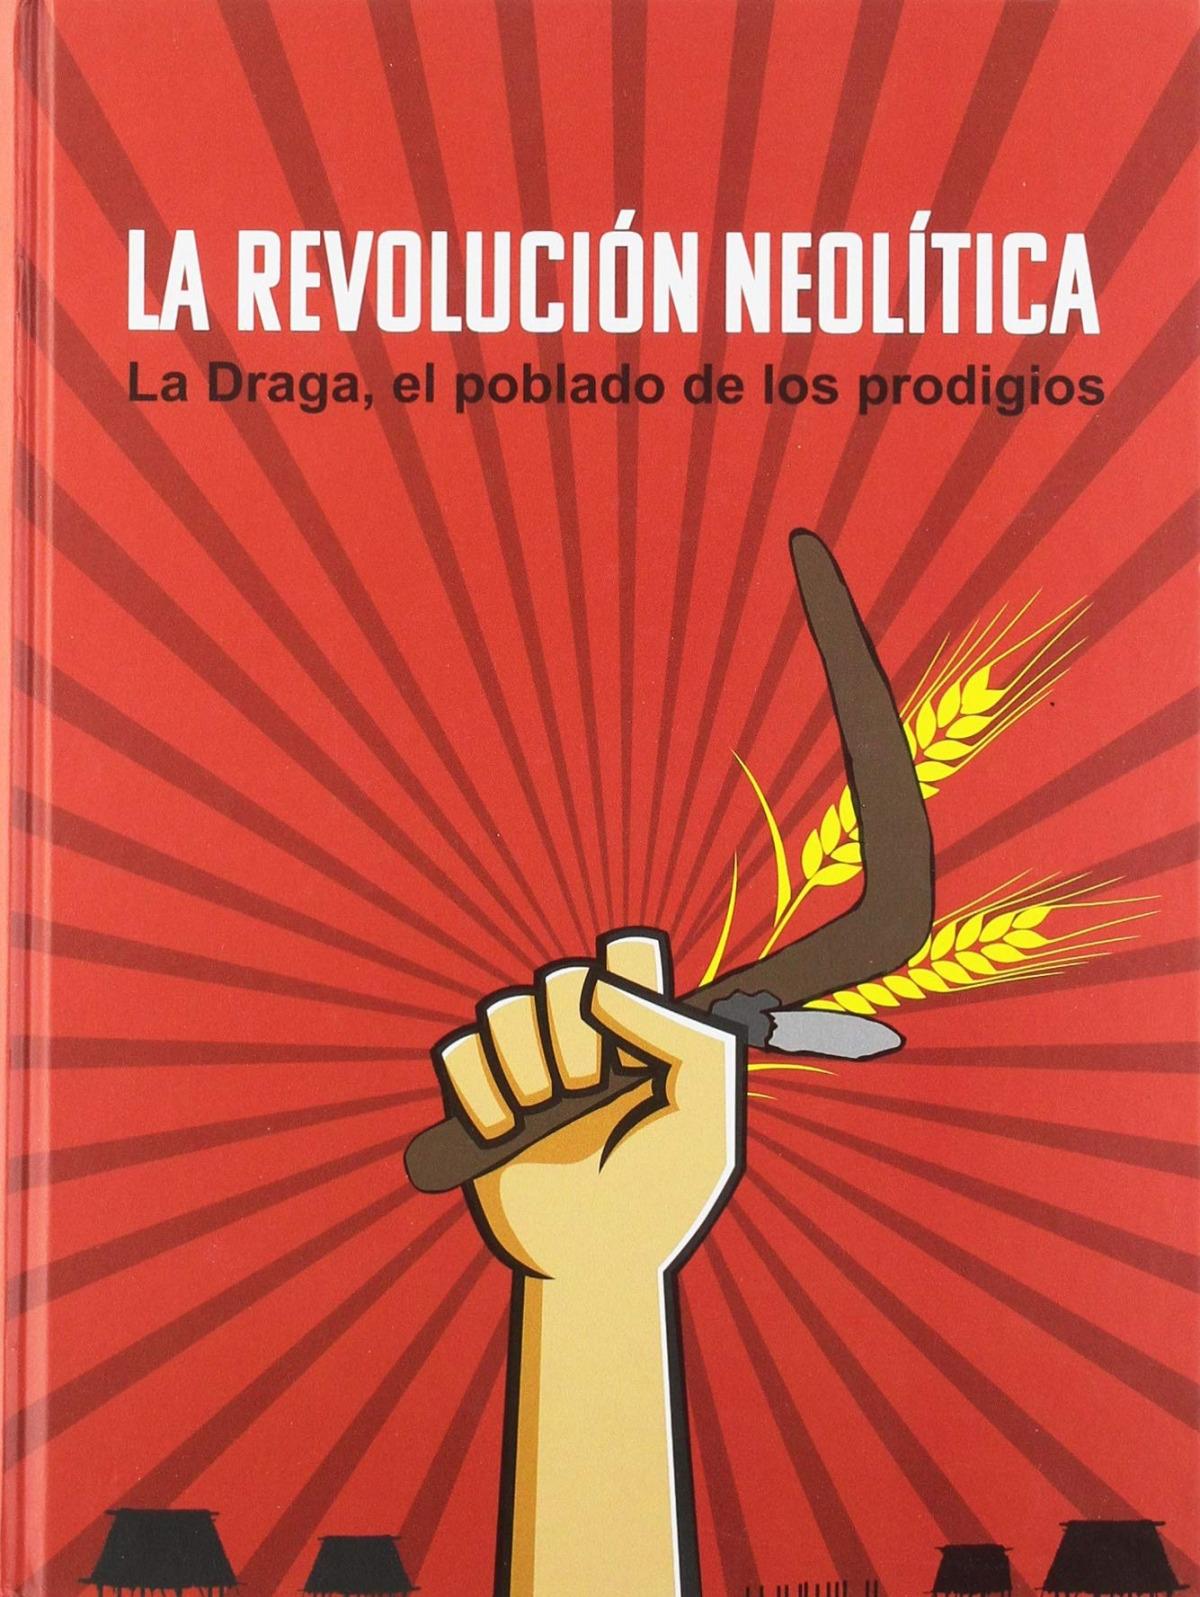 La Revolución Neolítica.